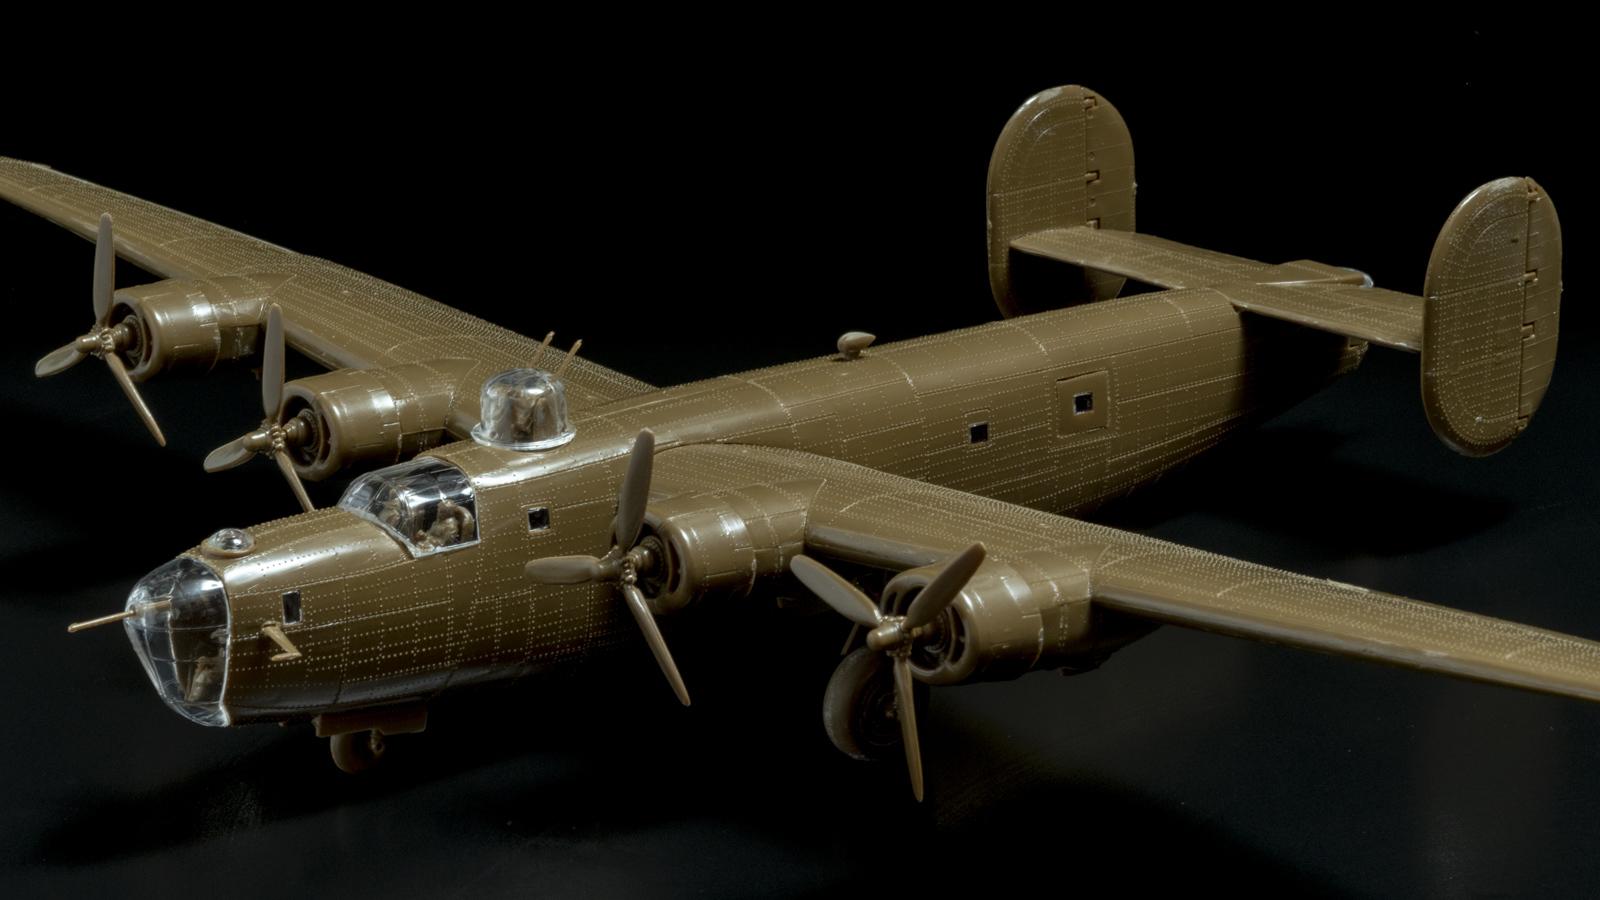 【パチ組みの月曜日】60年前の舶来キット、B-24リベレーターを貼る_b0029315_22303235.jpg